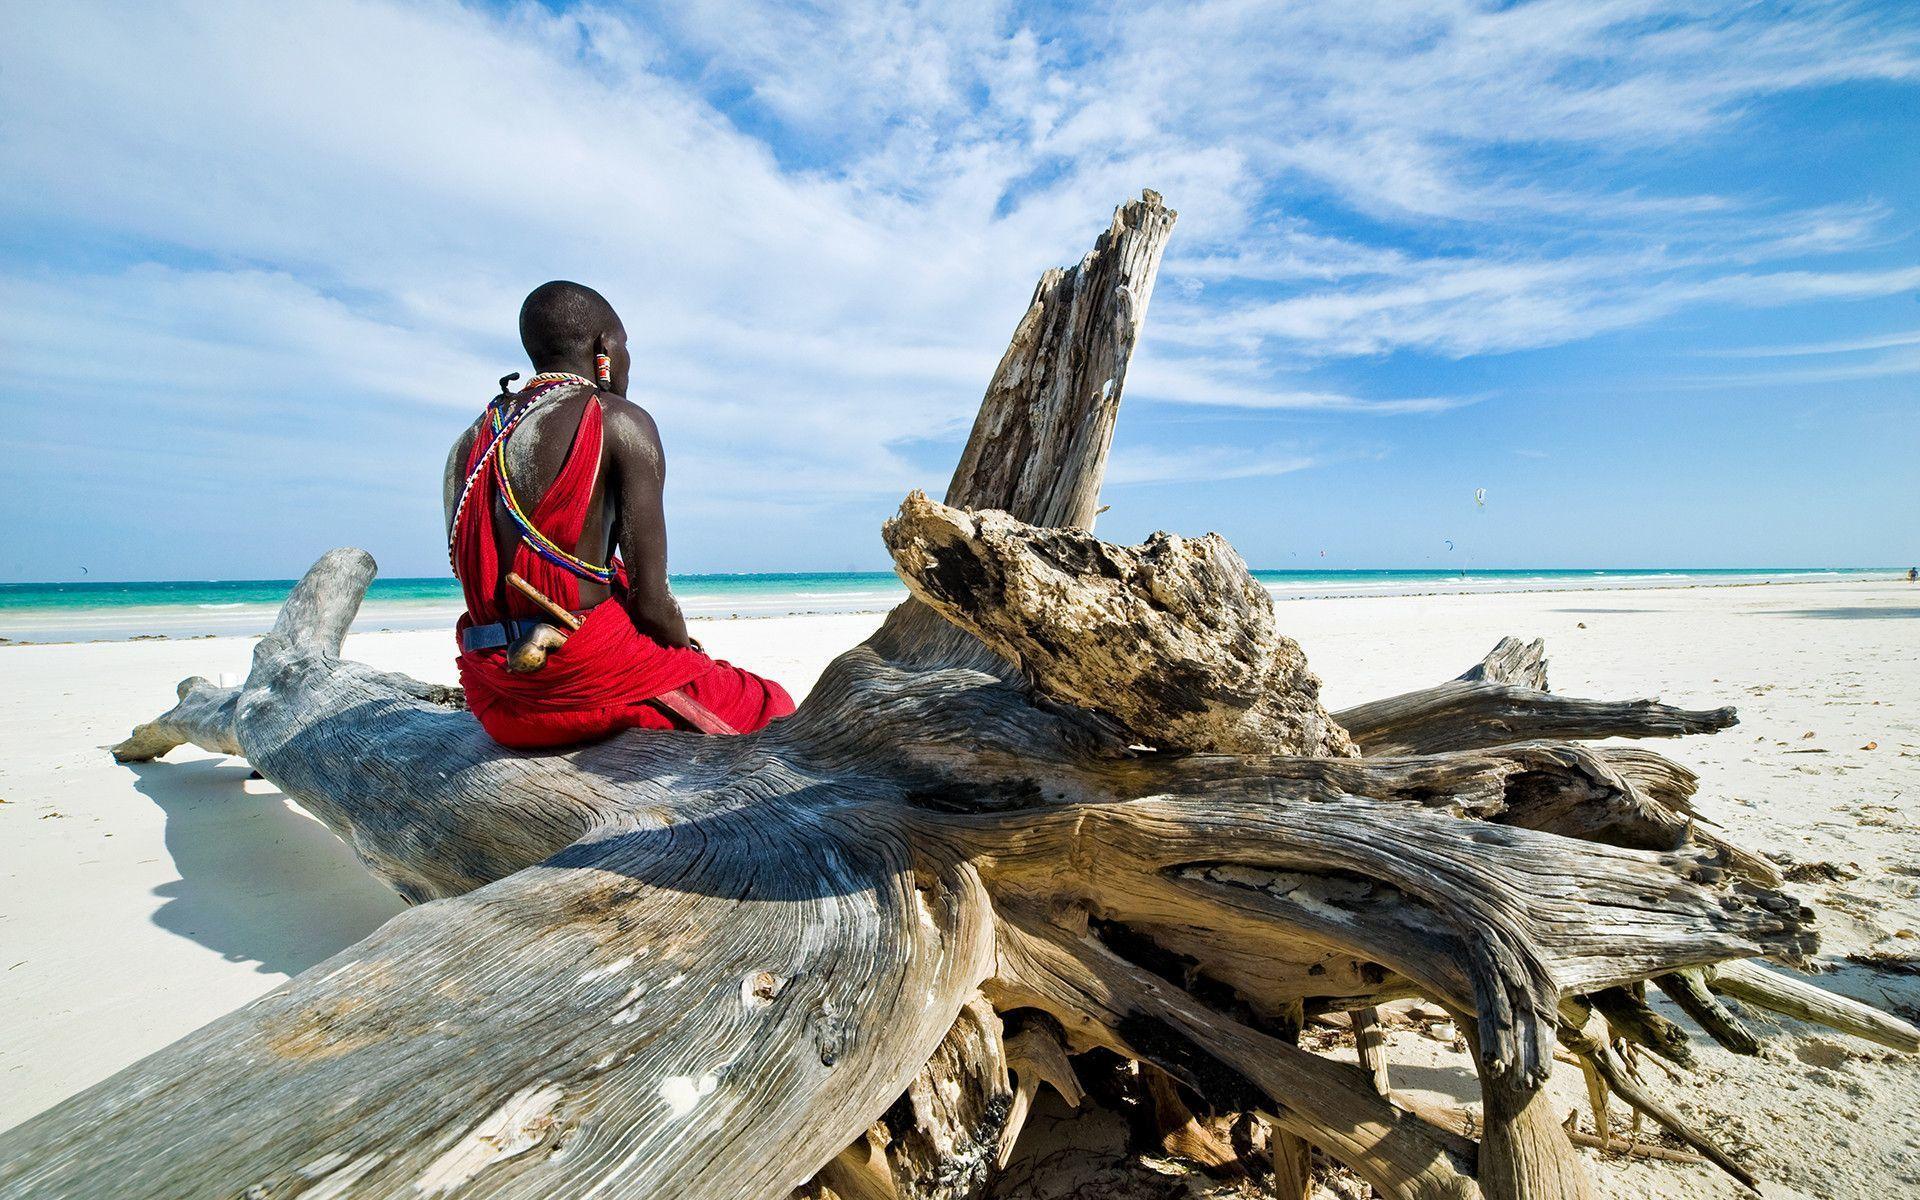 τοπικές γνωριμίες στη Νότια Αφρική πιο δημοφιλής εφαρμογές dating Ιαπωνία